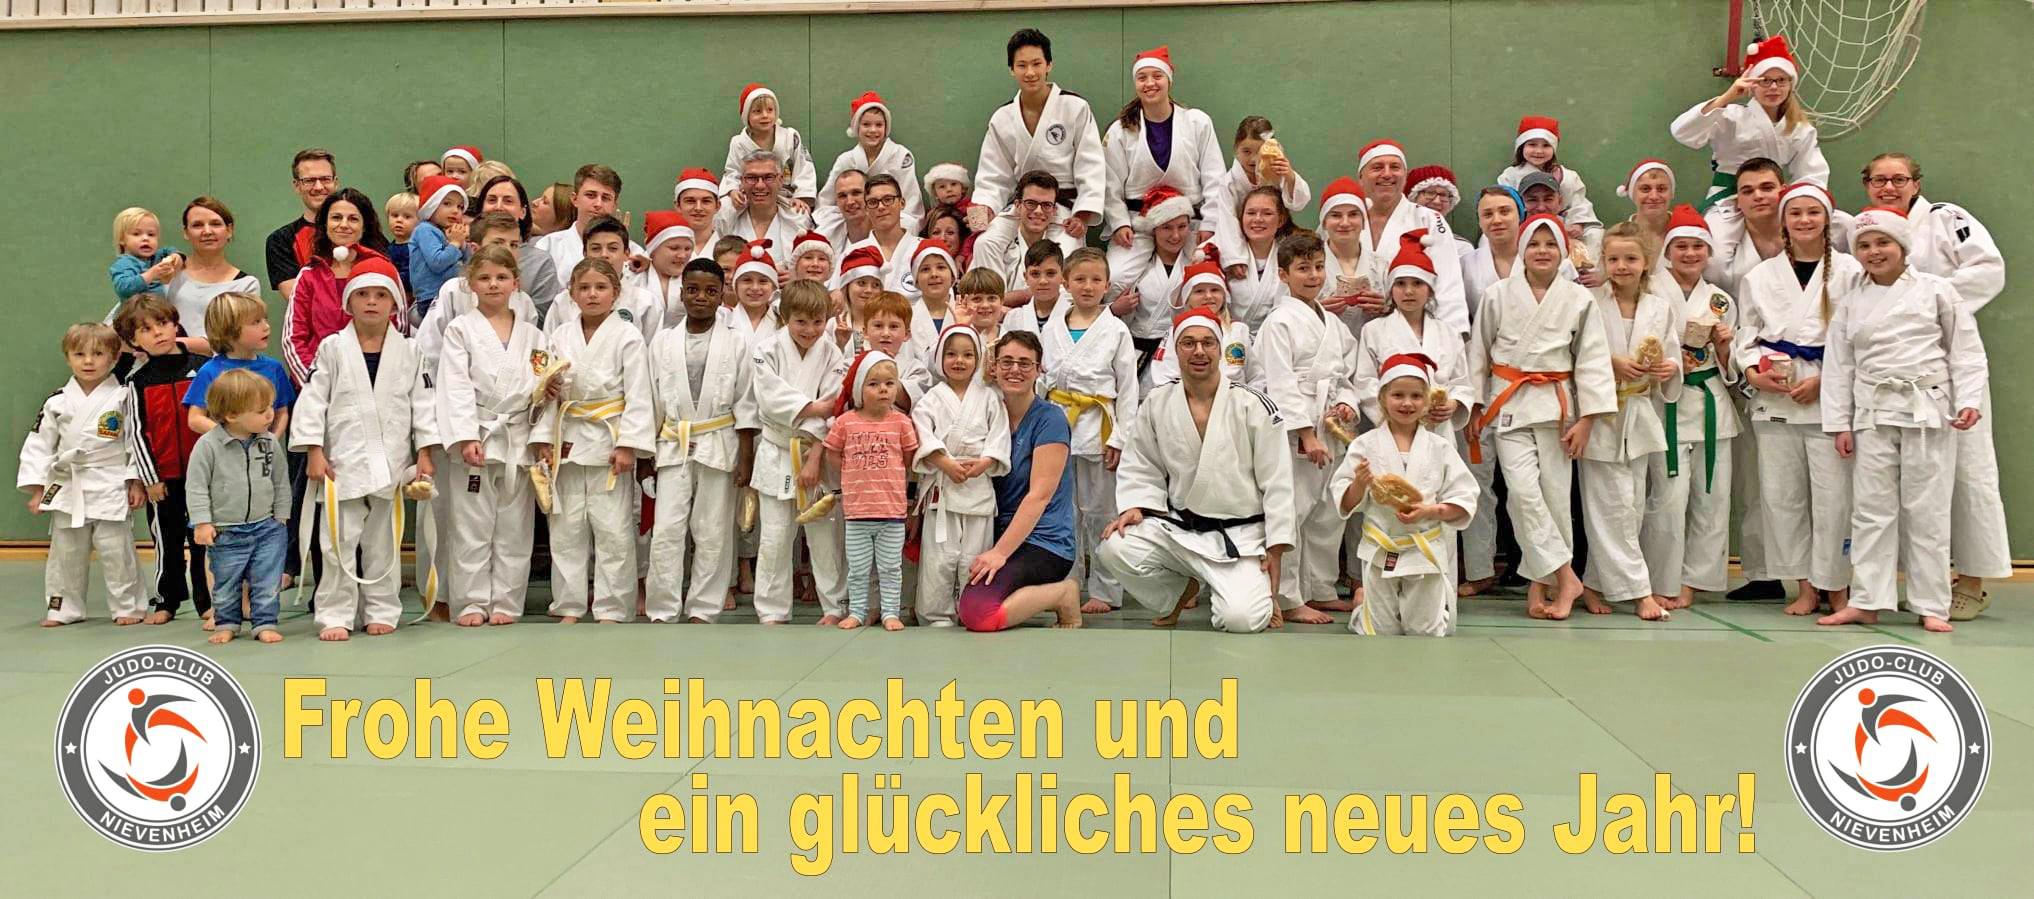 JCN_FroheWeihnacht_121819